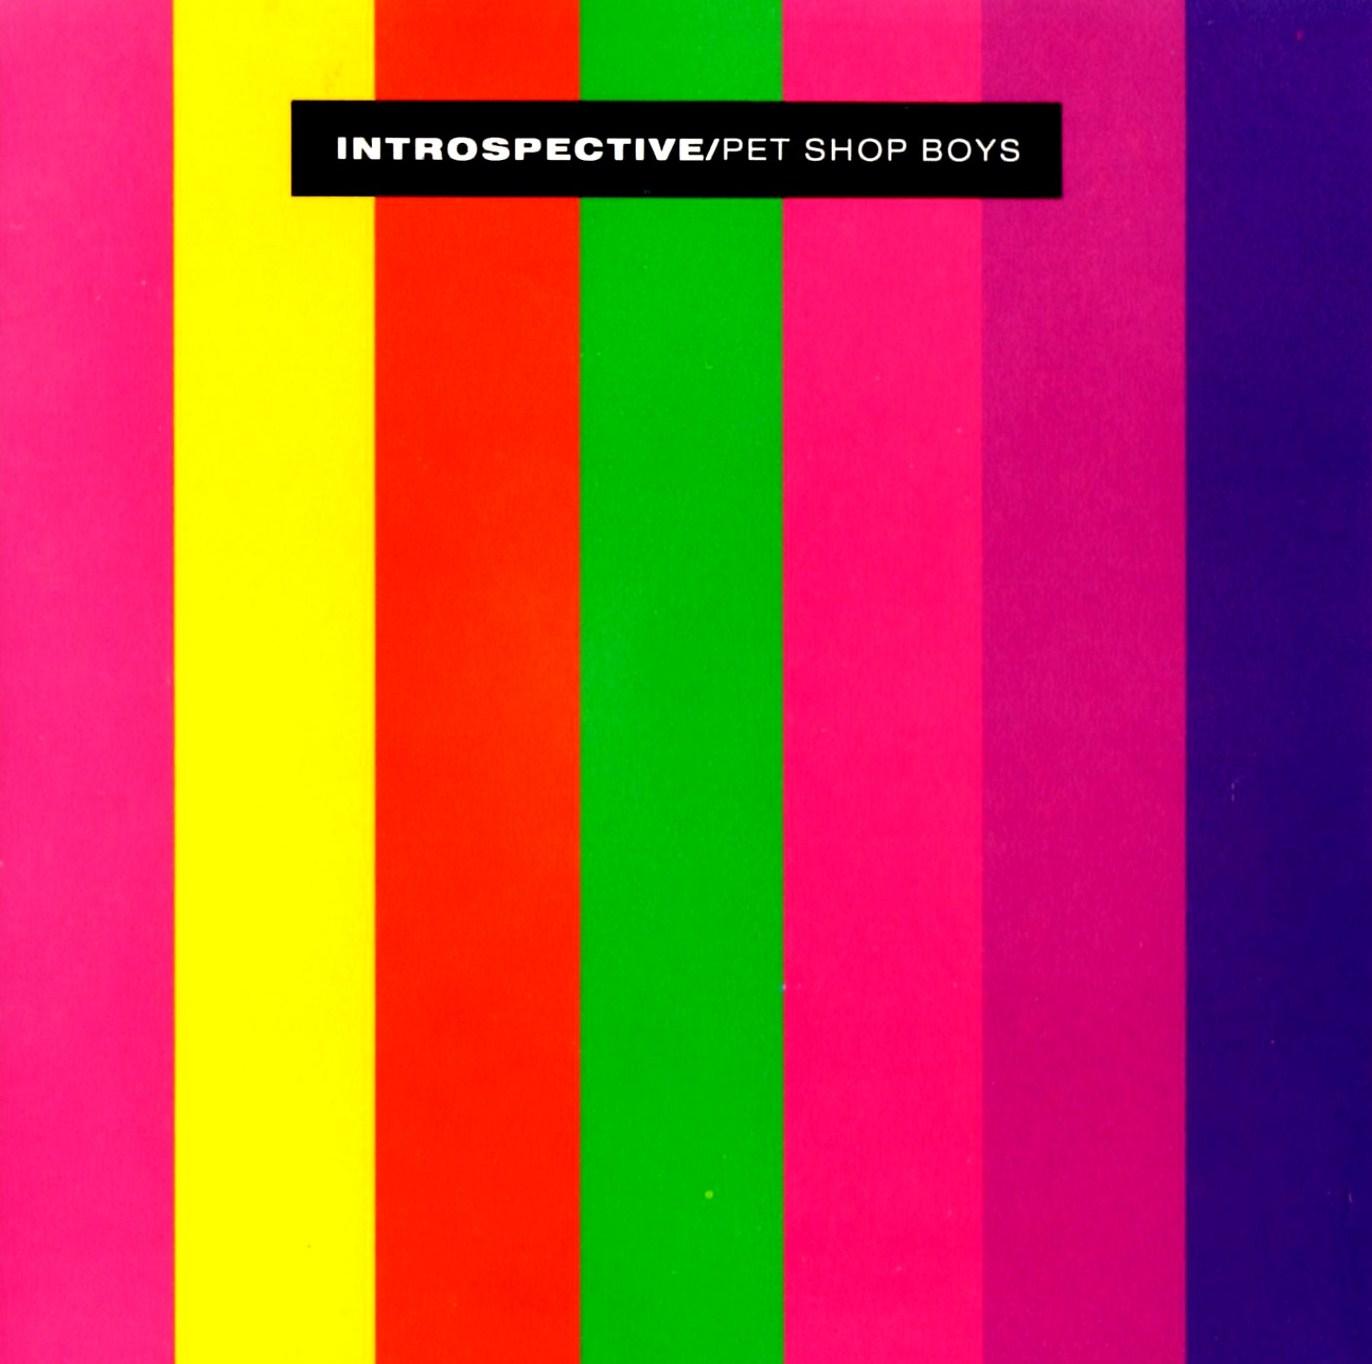 The Lowdown: Pet Shop Boys - Introspective